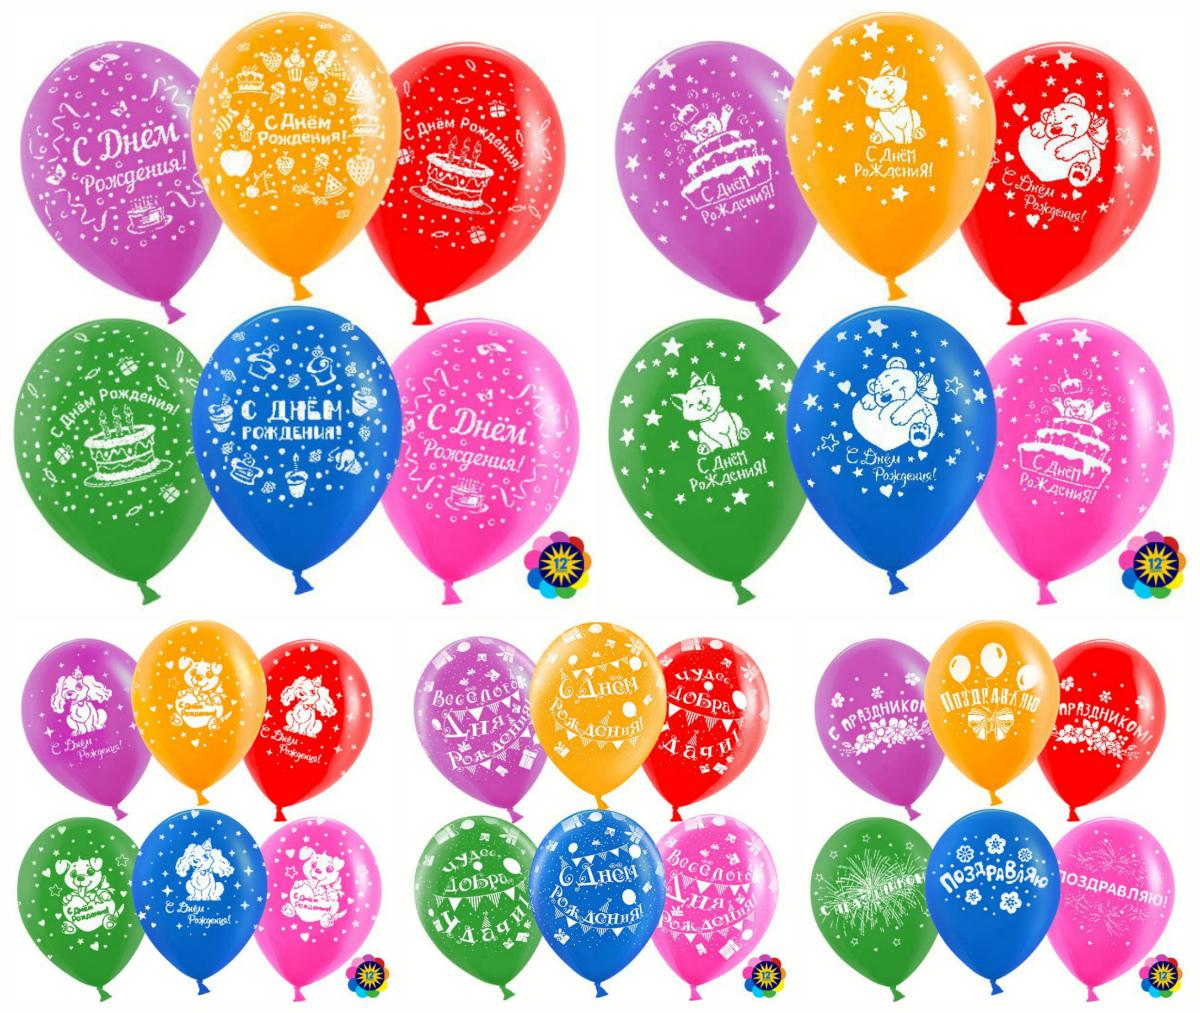 Воздушные шары ко дню рождения